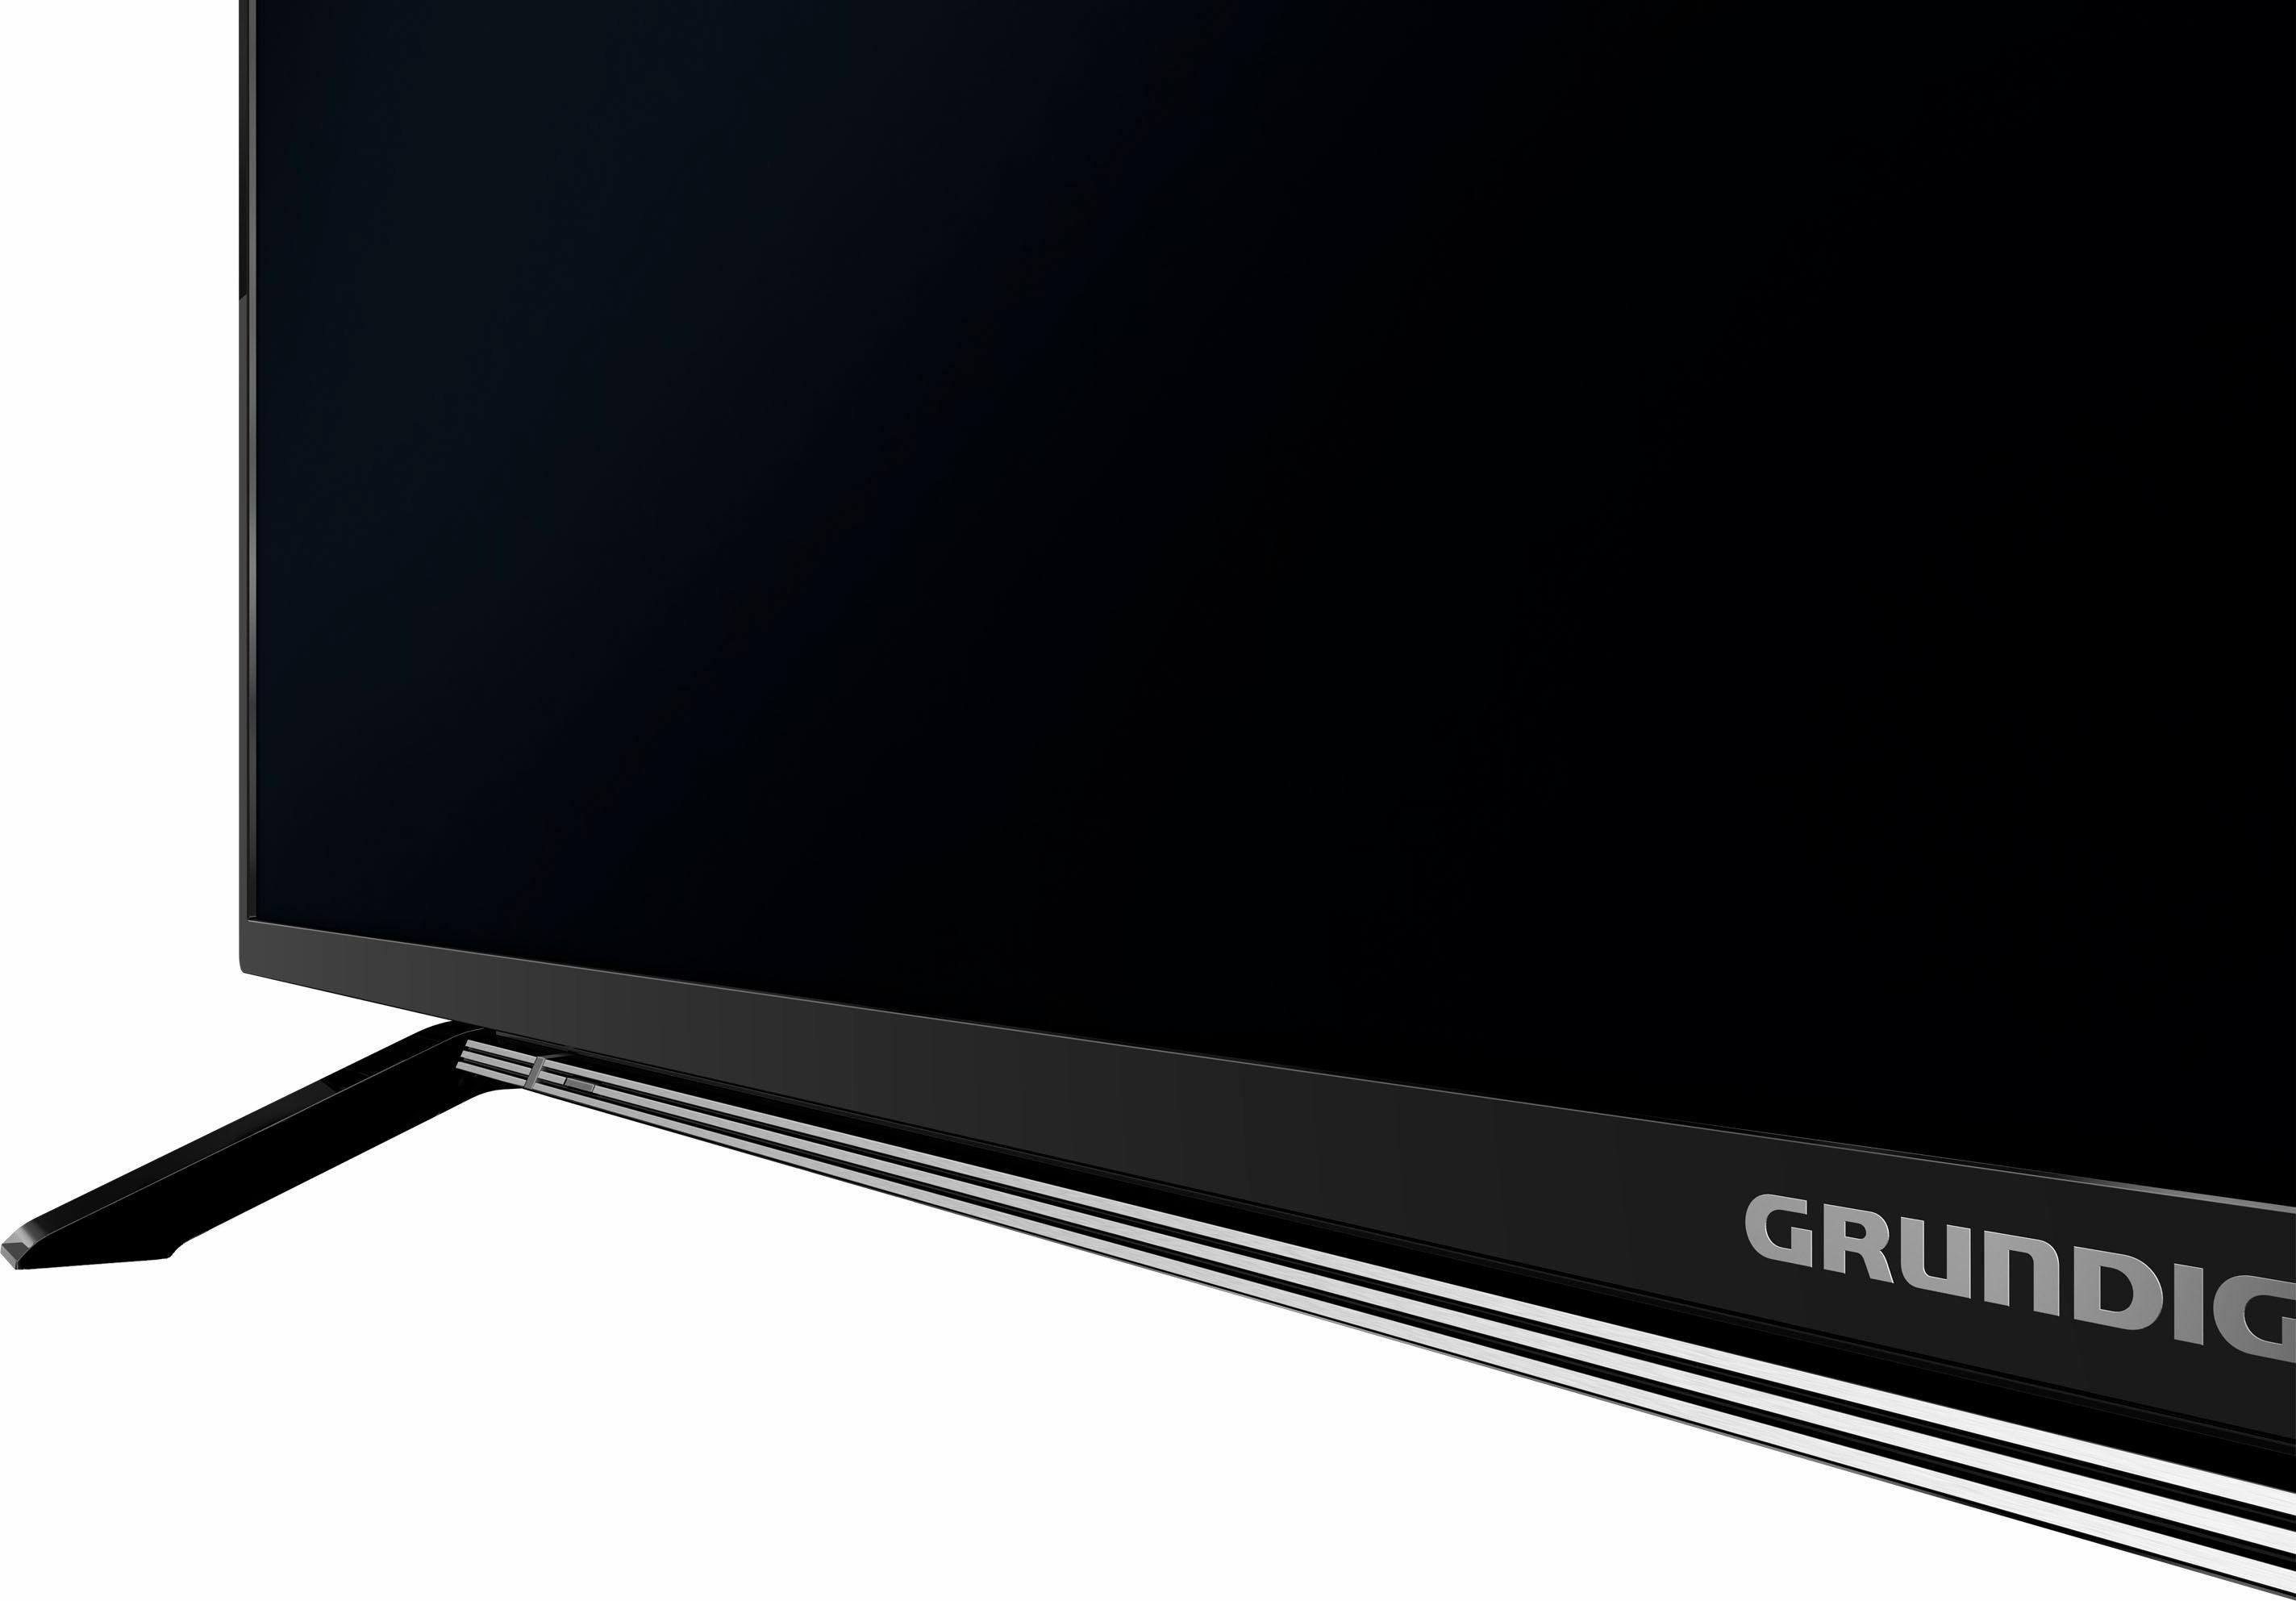 grundig 40 vlx 7000 bp led tv 102 cm 40 inch uhd 4k. Black Bedroom Furniture Sets. Home Design Ideas